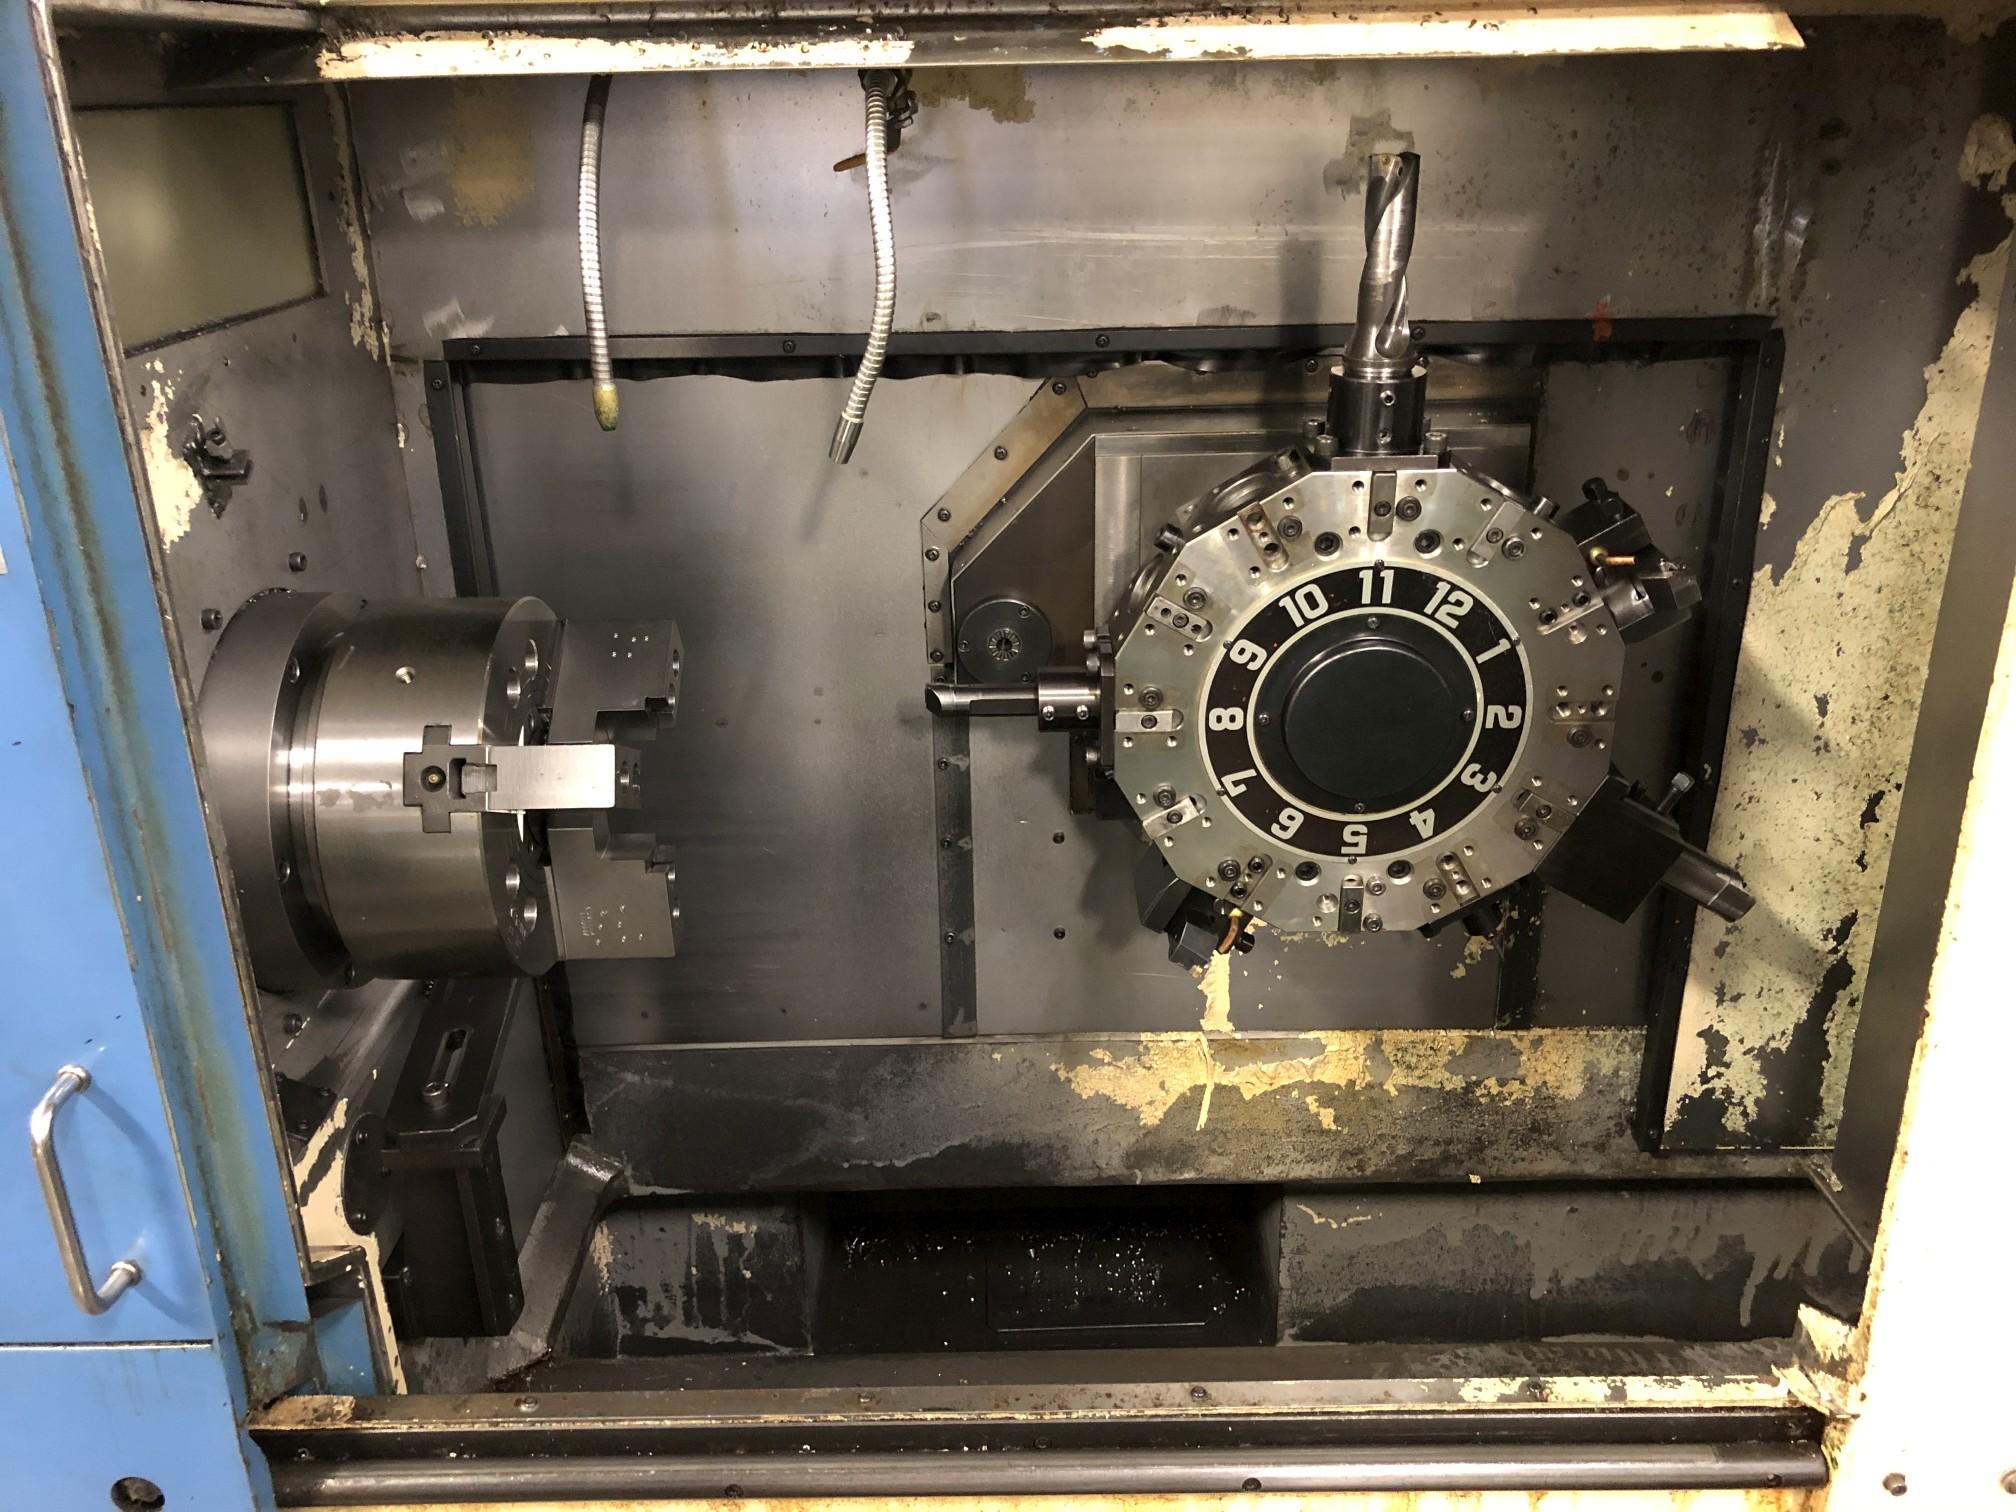 Ikegai TCR25 CNC Lathe - Image 3 of 15